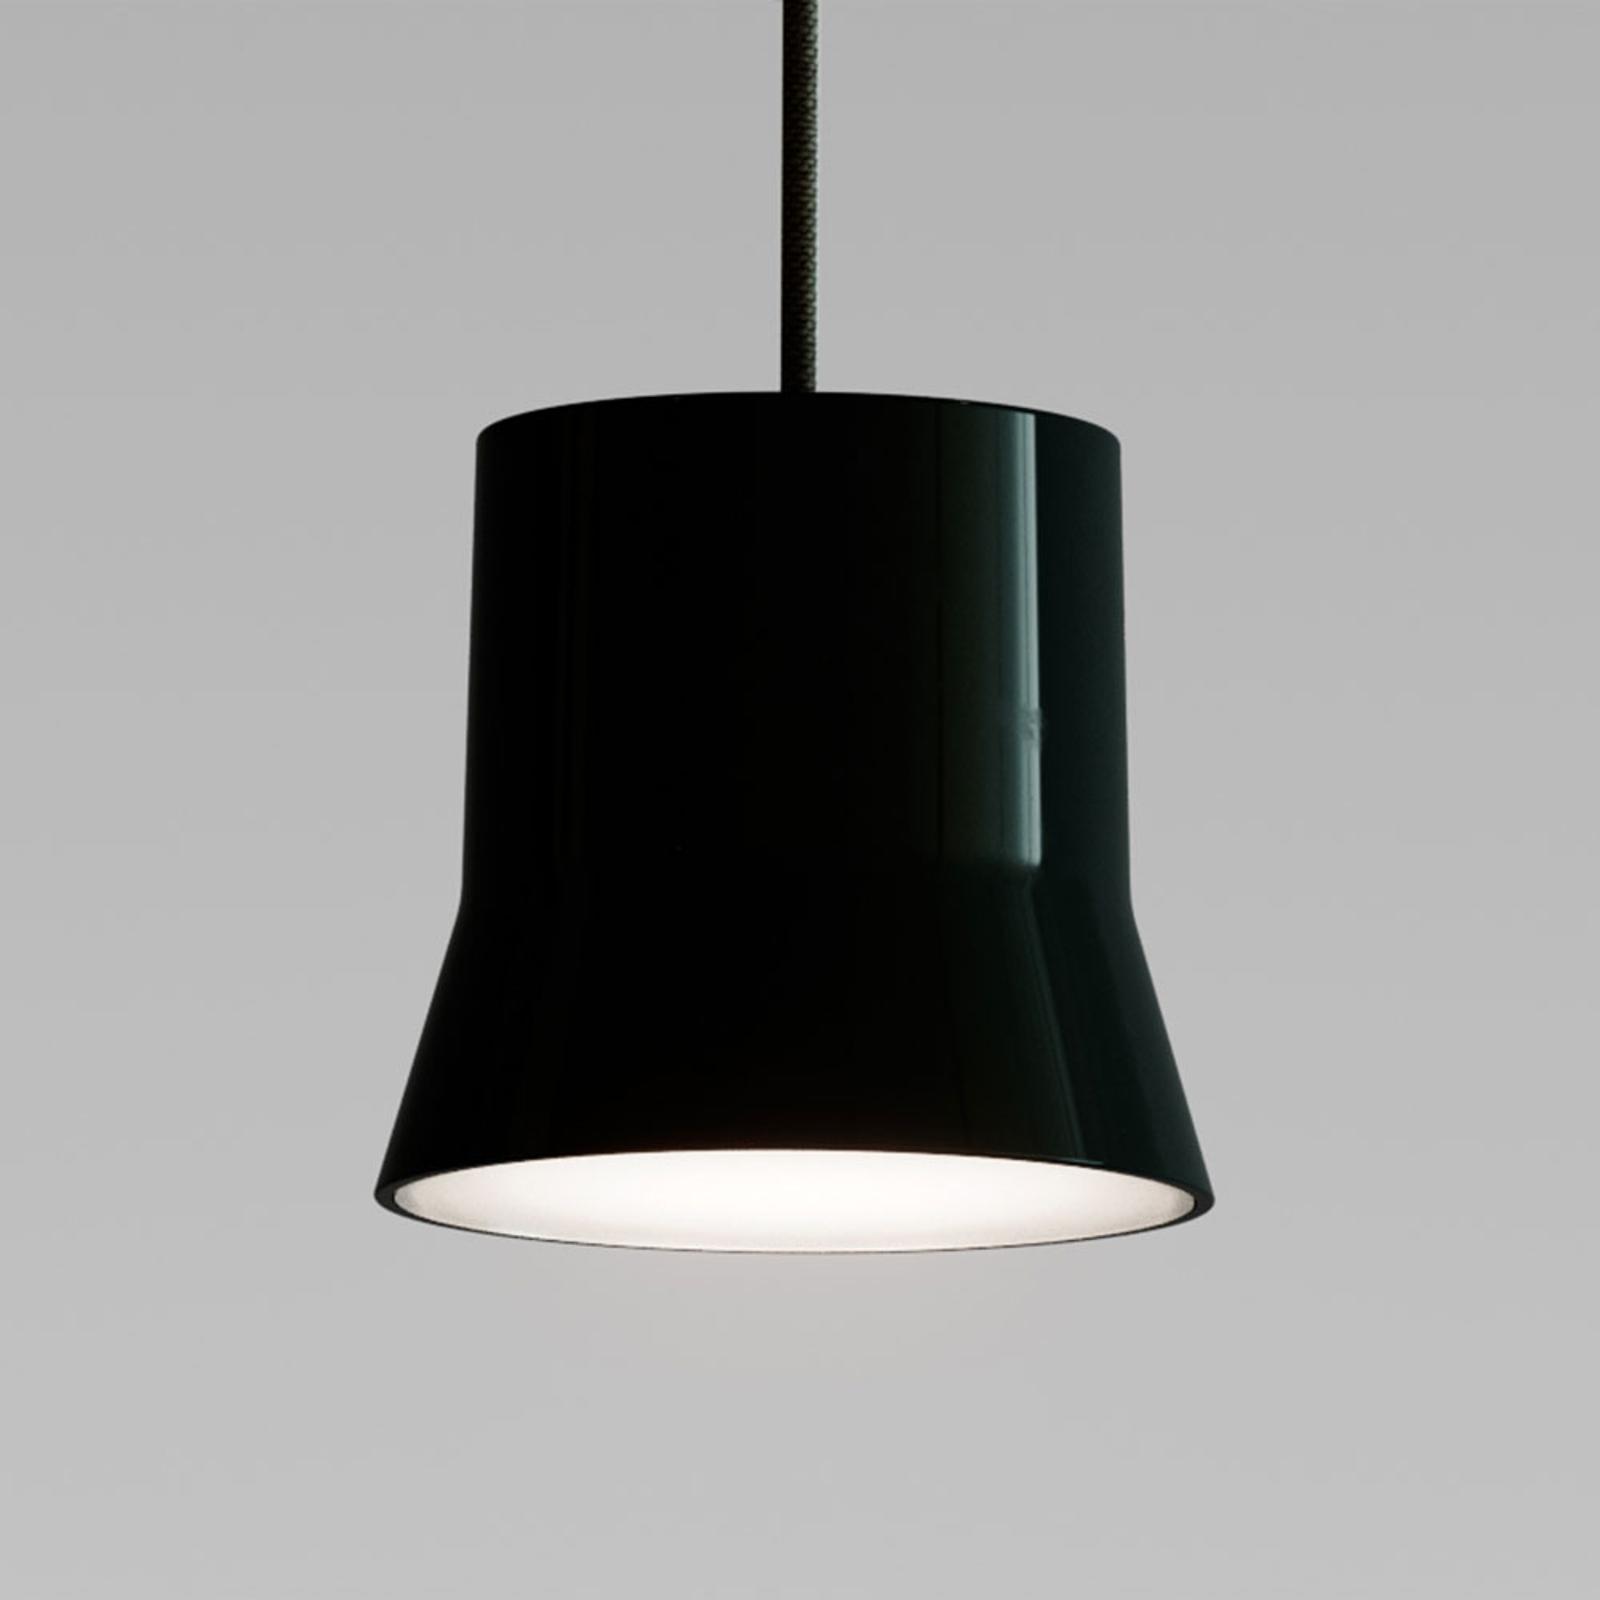 Artemide GIO.light LED a sospensione, nero